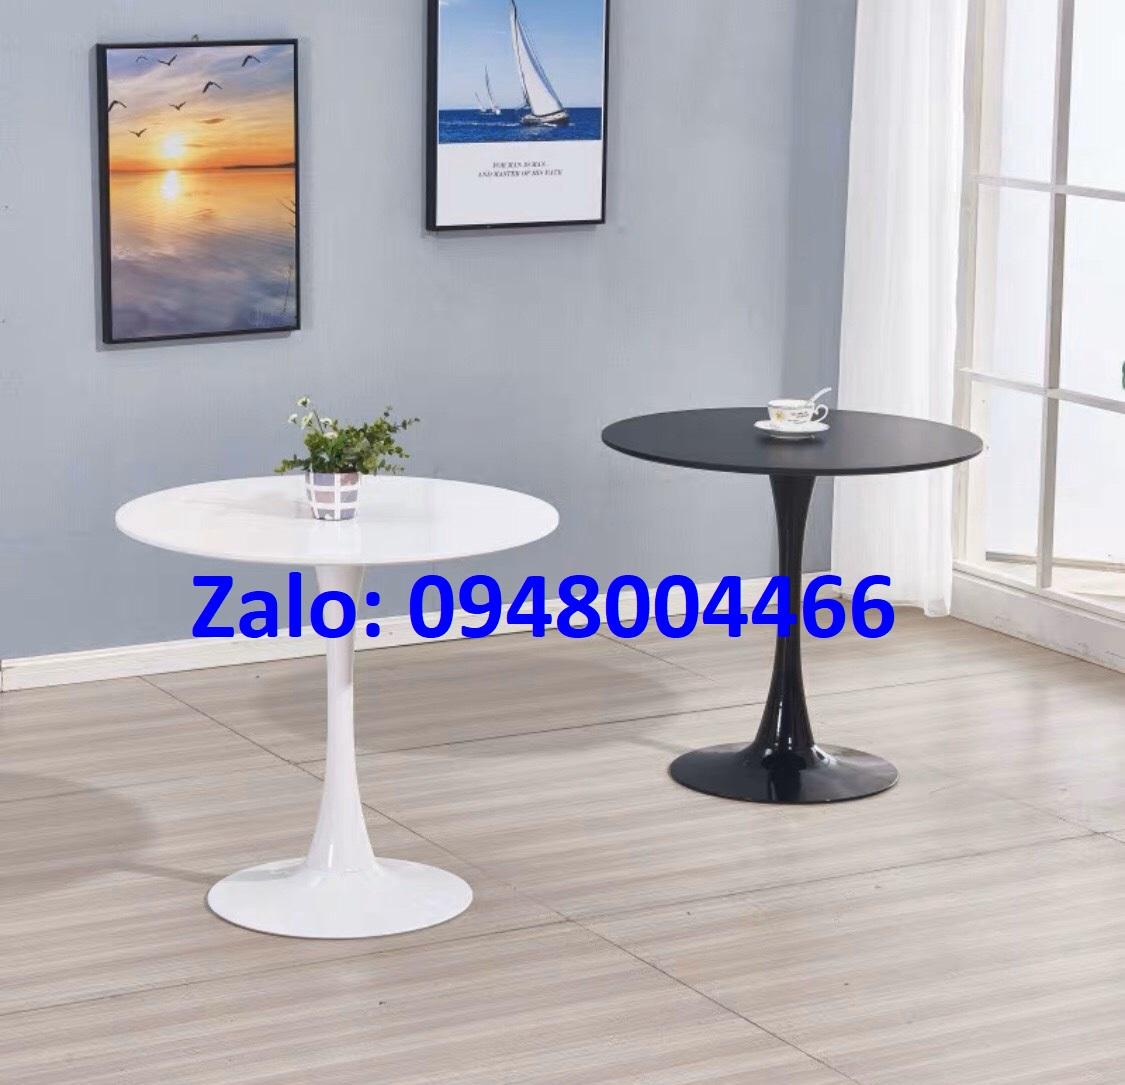 Bàn quán cafe văn phòng tg7815b